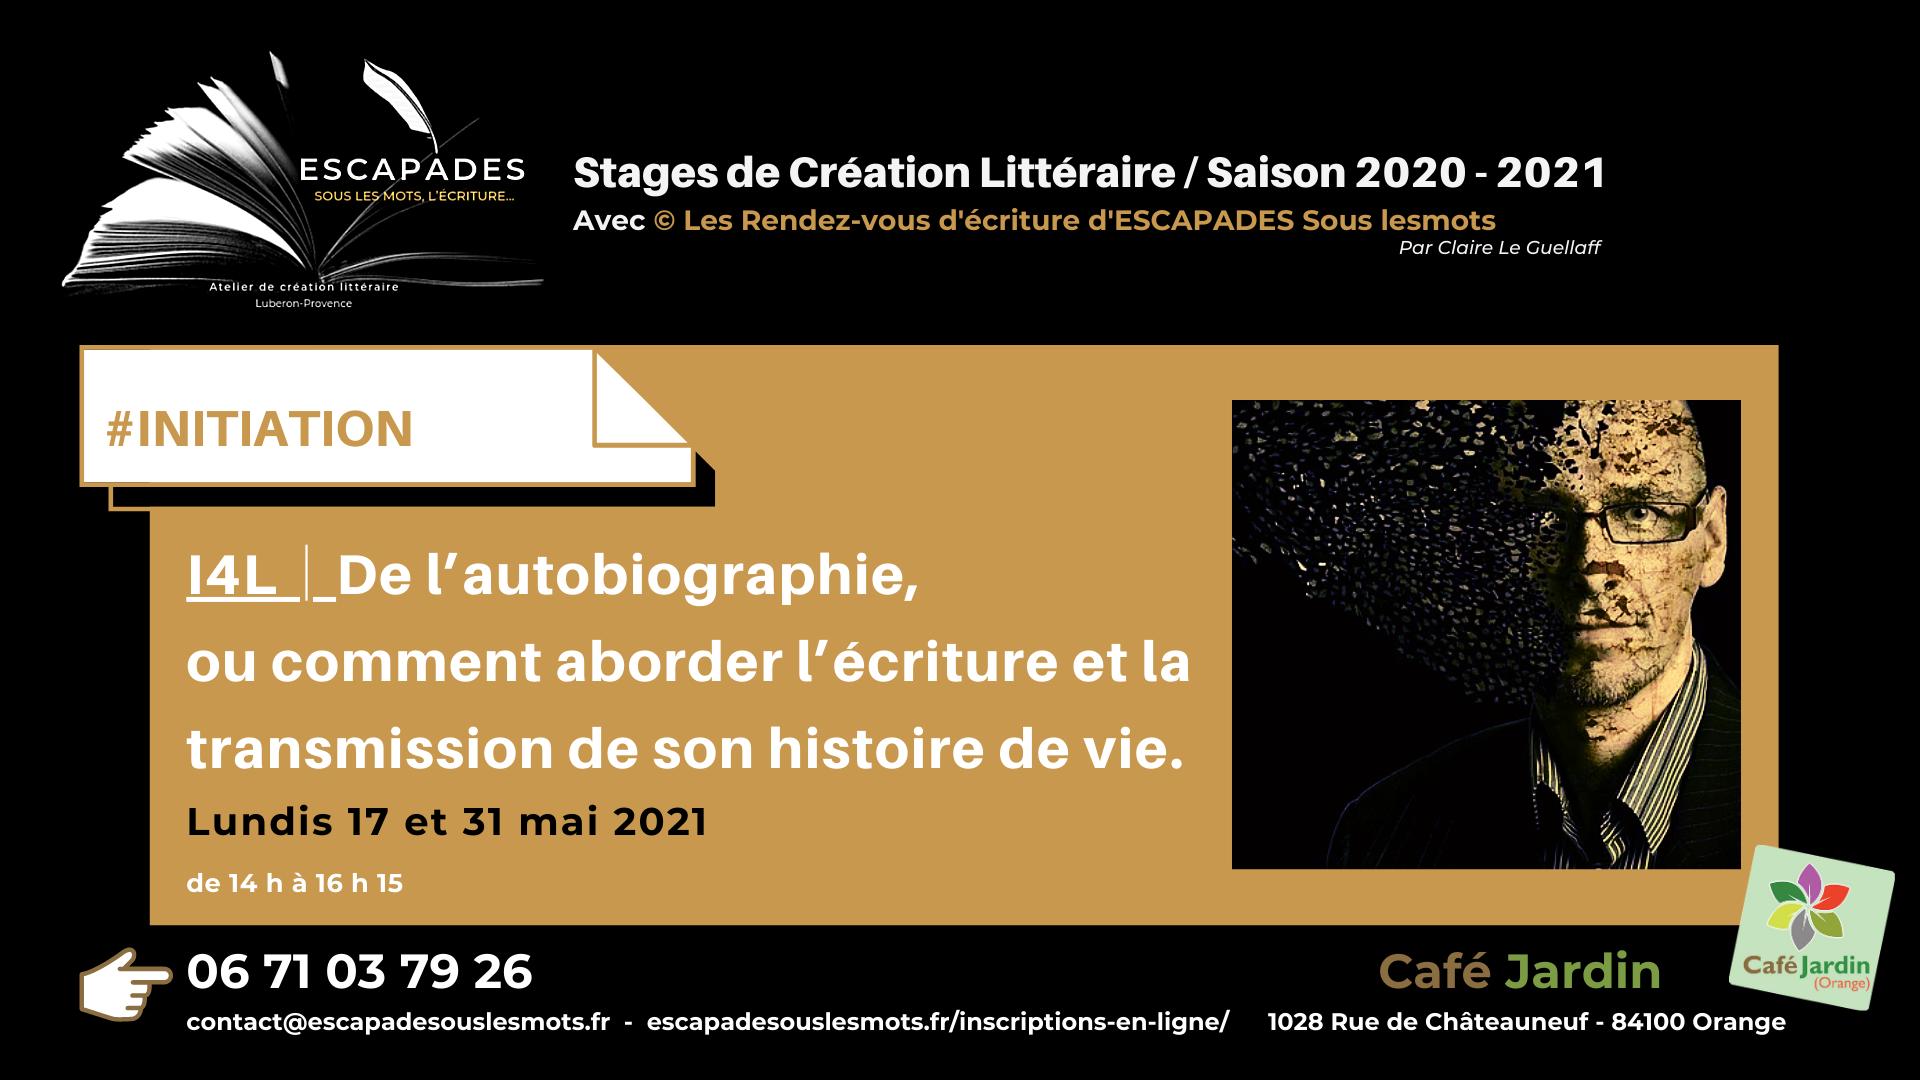 """#INITIATION : """"De l'autobiographie, ou comment aborder l'écriture et la transmission de son histoire de vie."""" 17 et 31 mai 2021"""